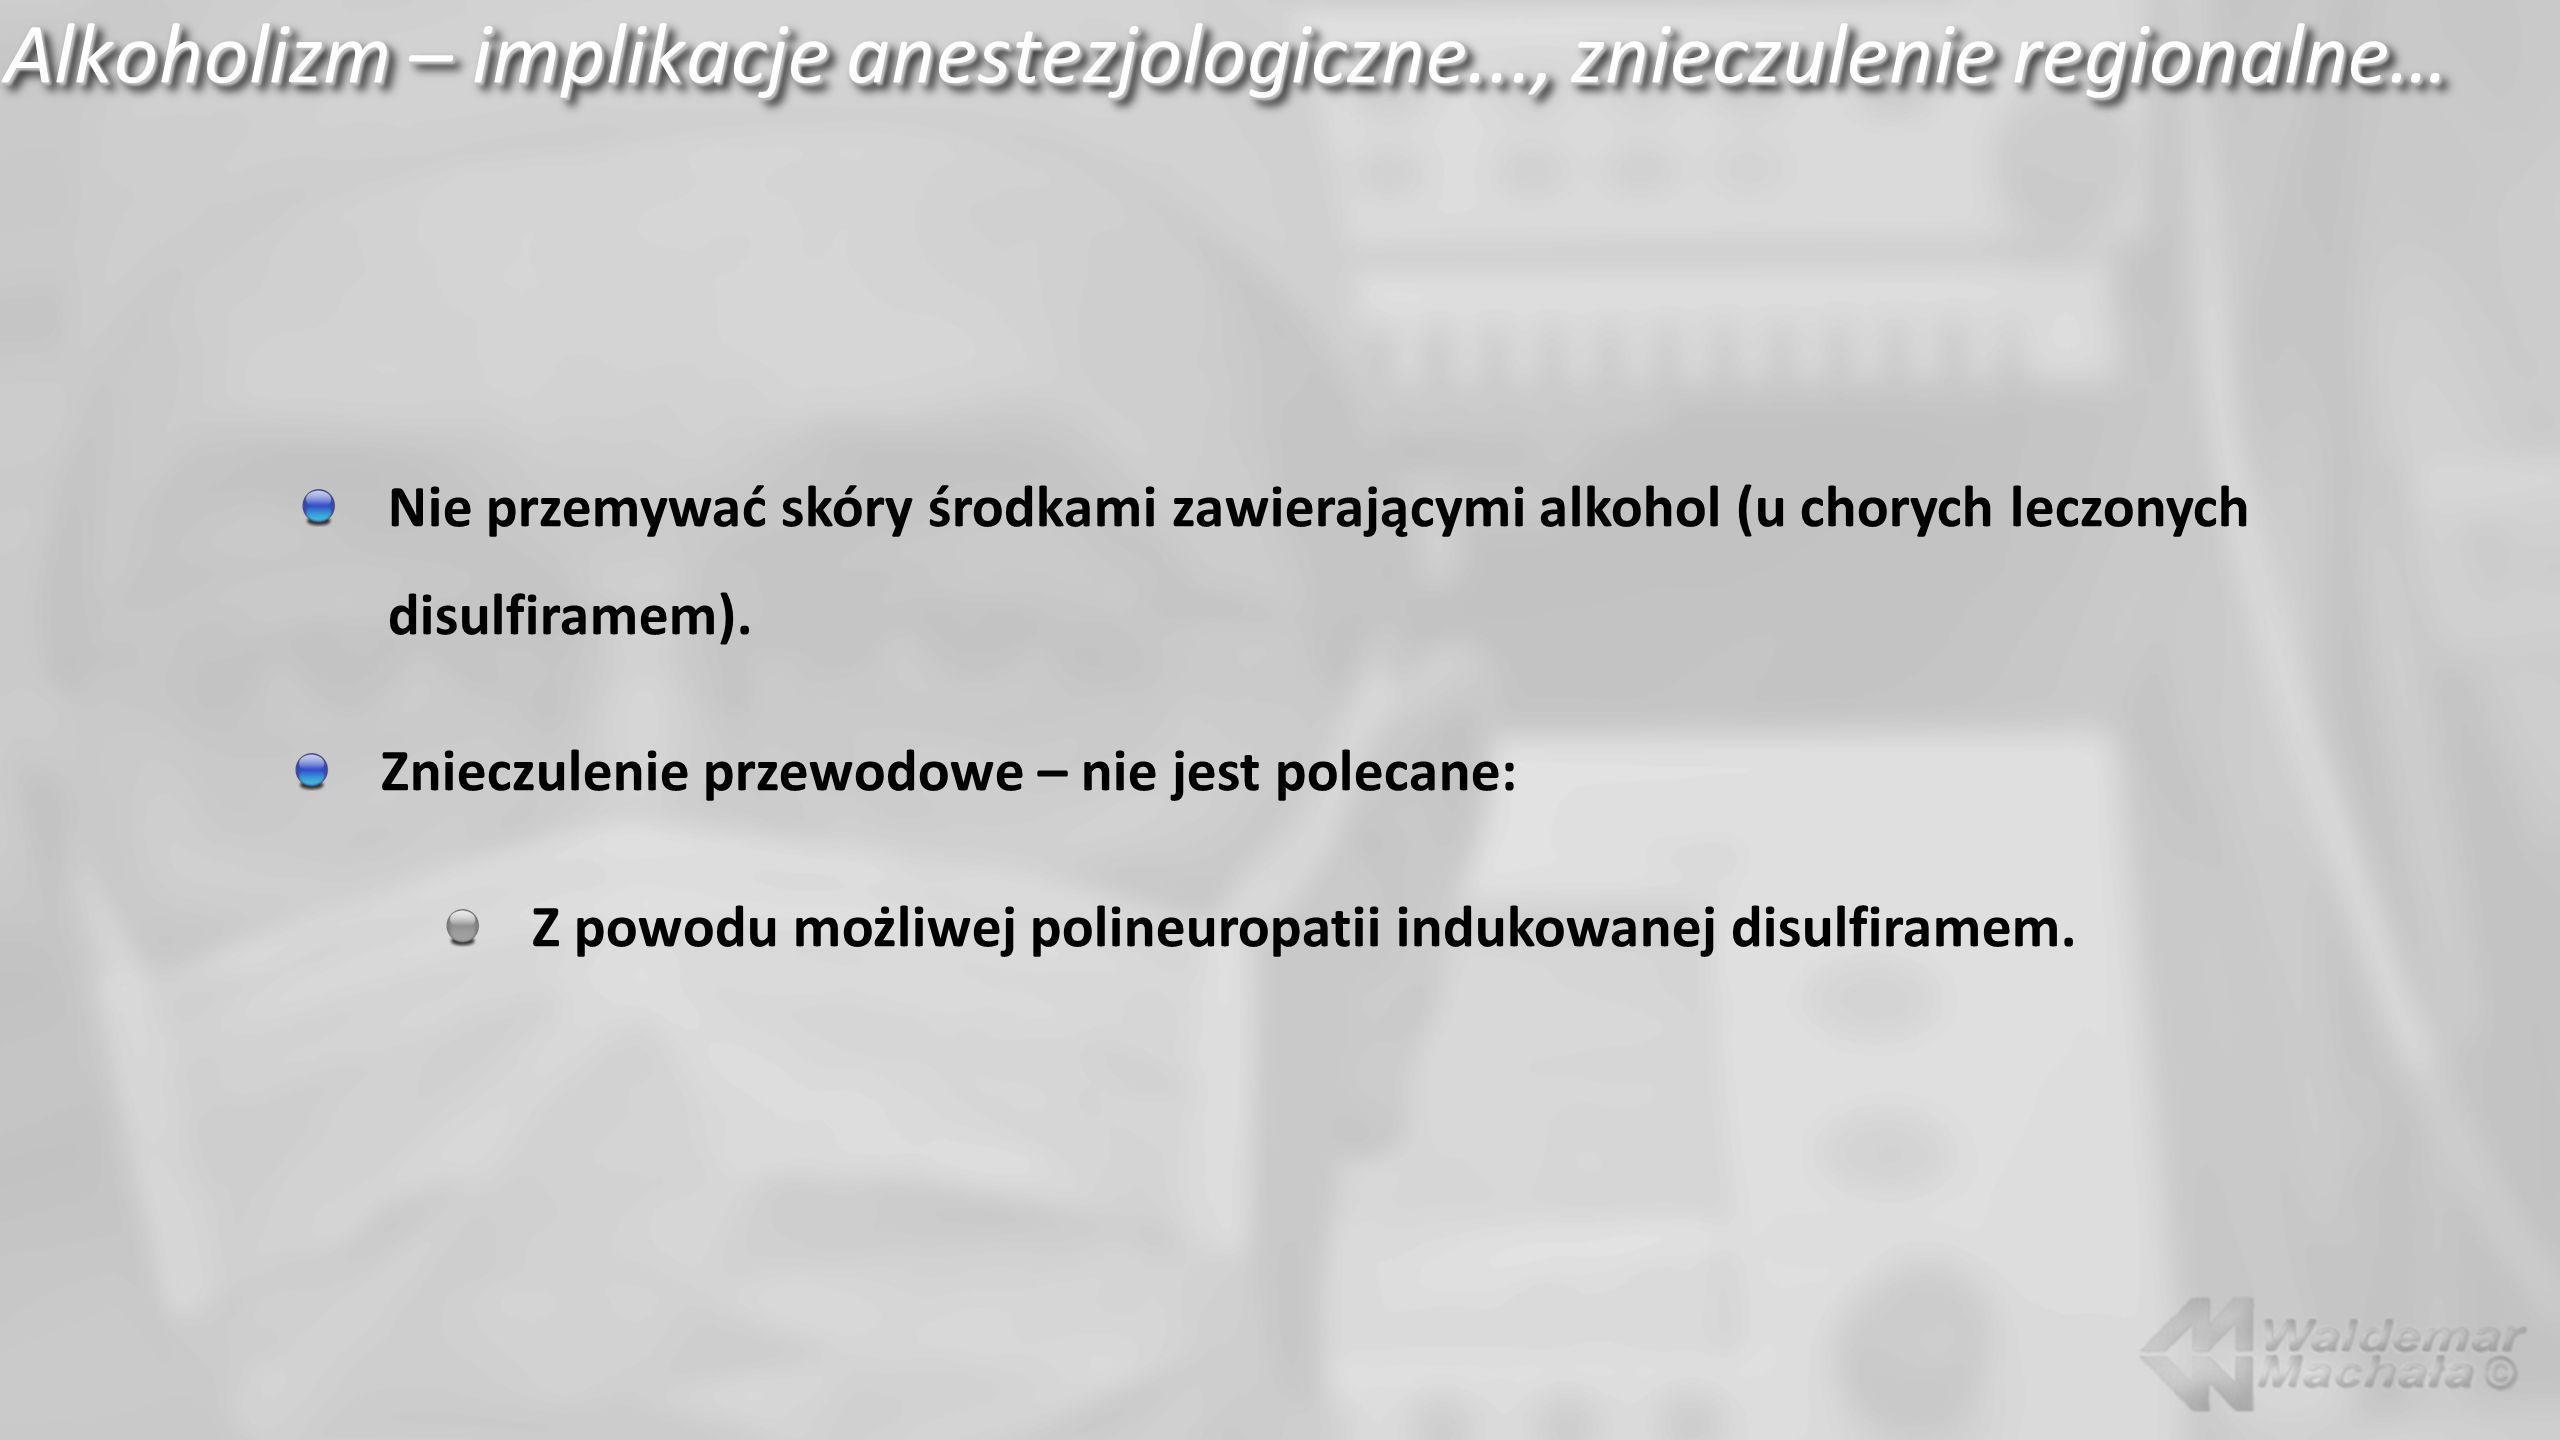 Alkoholizm – implikacje anestezjologiczne..., znieczulenie regionalne…